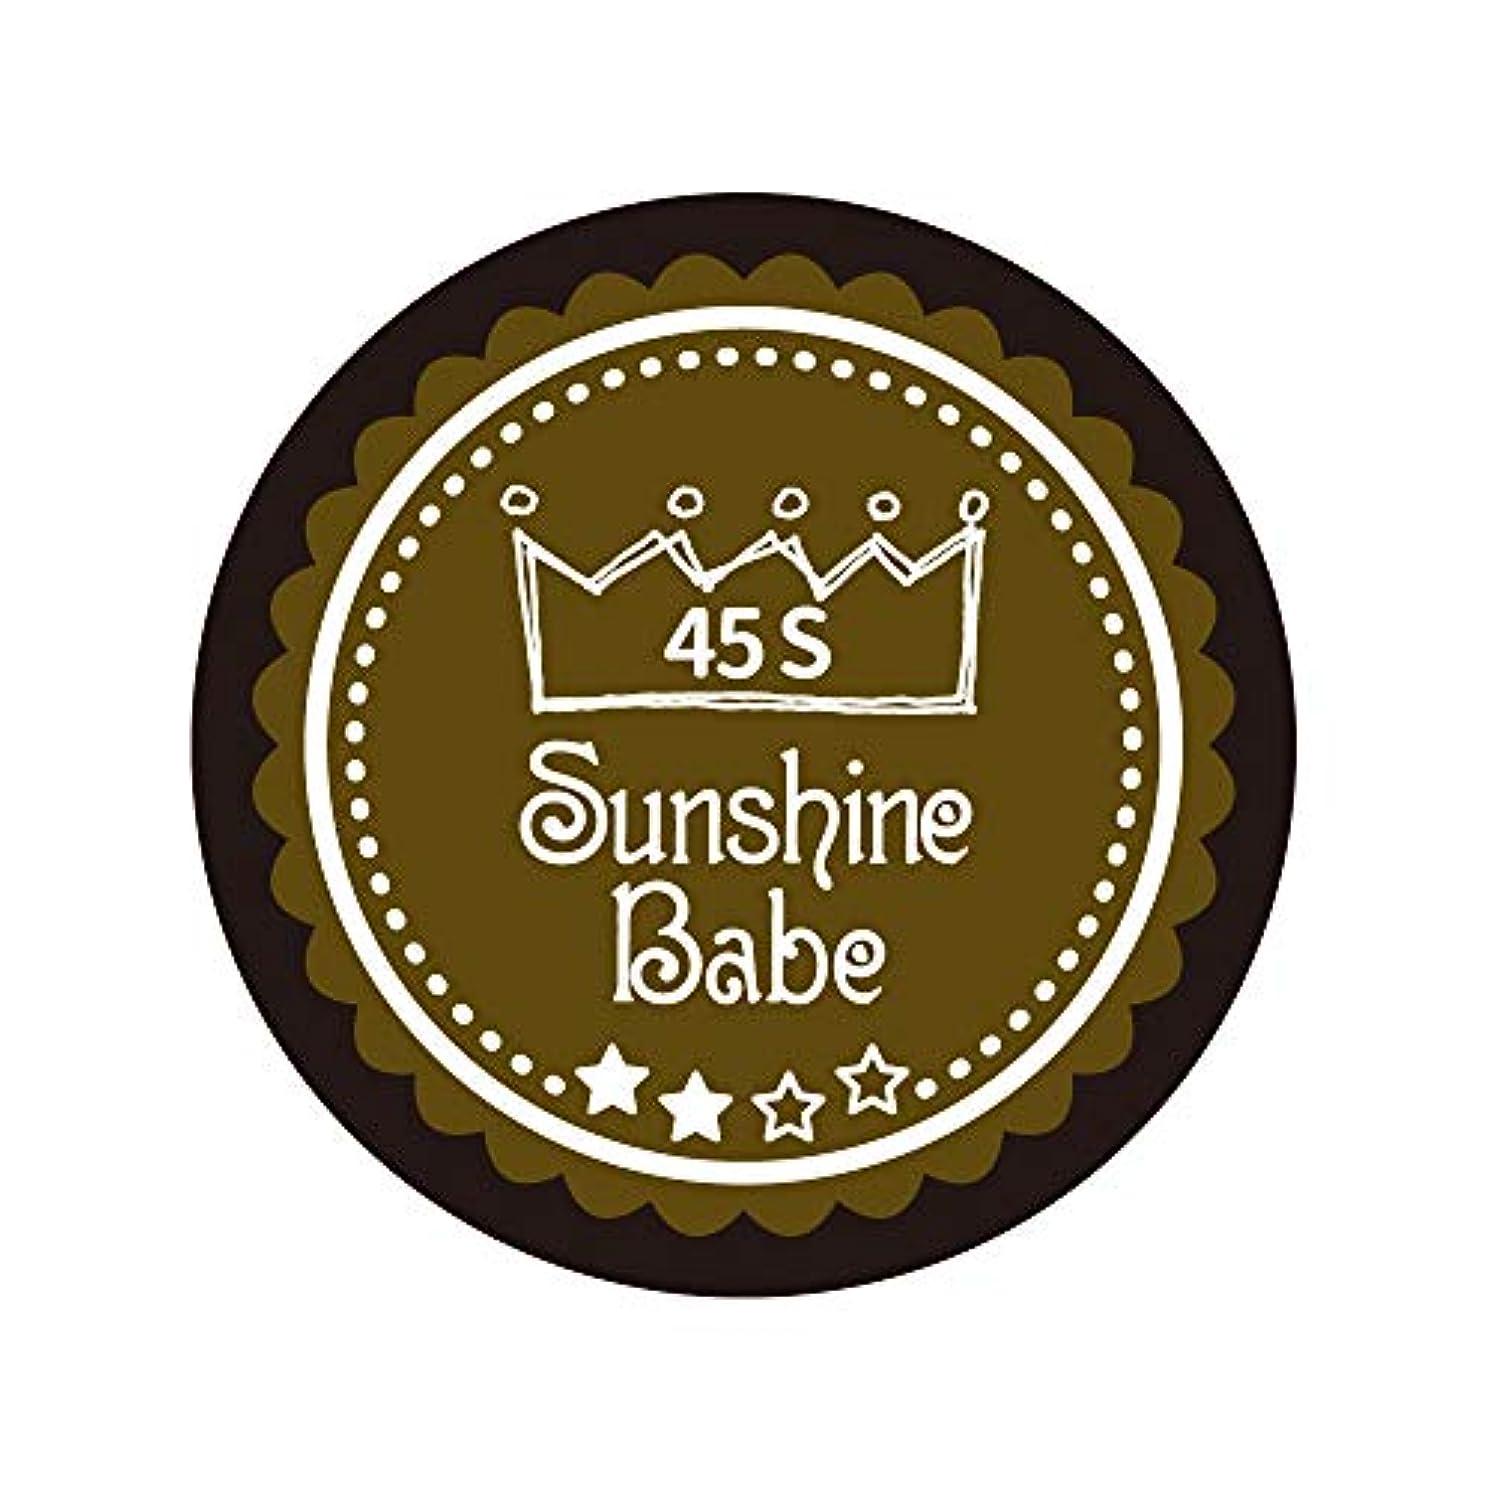 立ち向かう仕事ディンカルビルSunshine Babe カラージェル 45S マティーニオリーブ 2.7g UV/LED対応